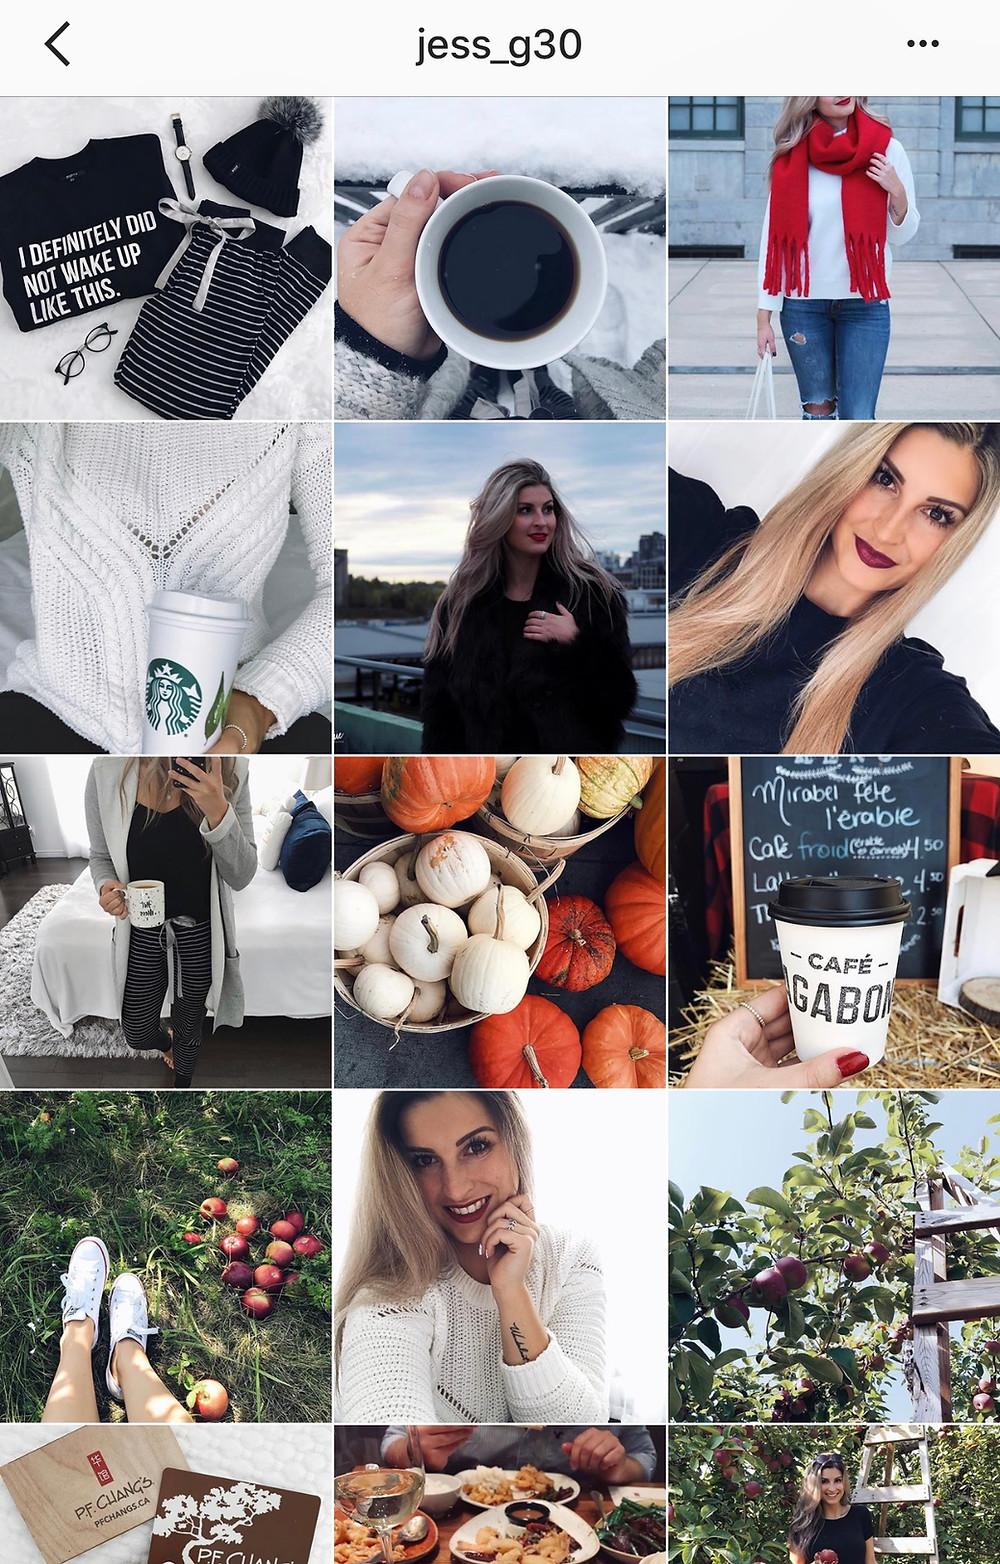 Jessica Garon sur Instagram